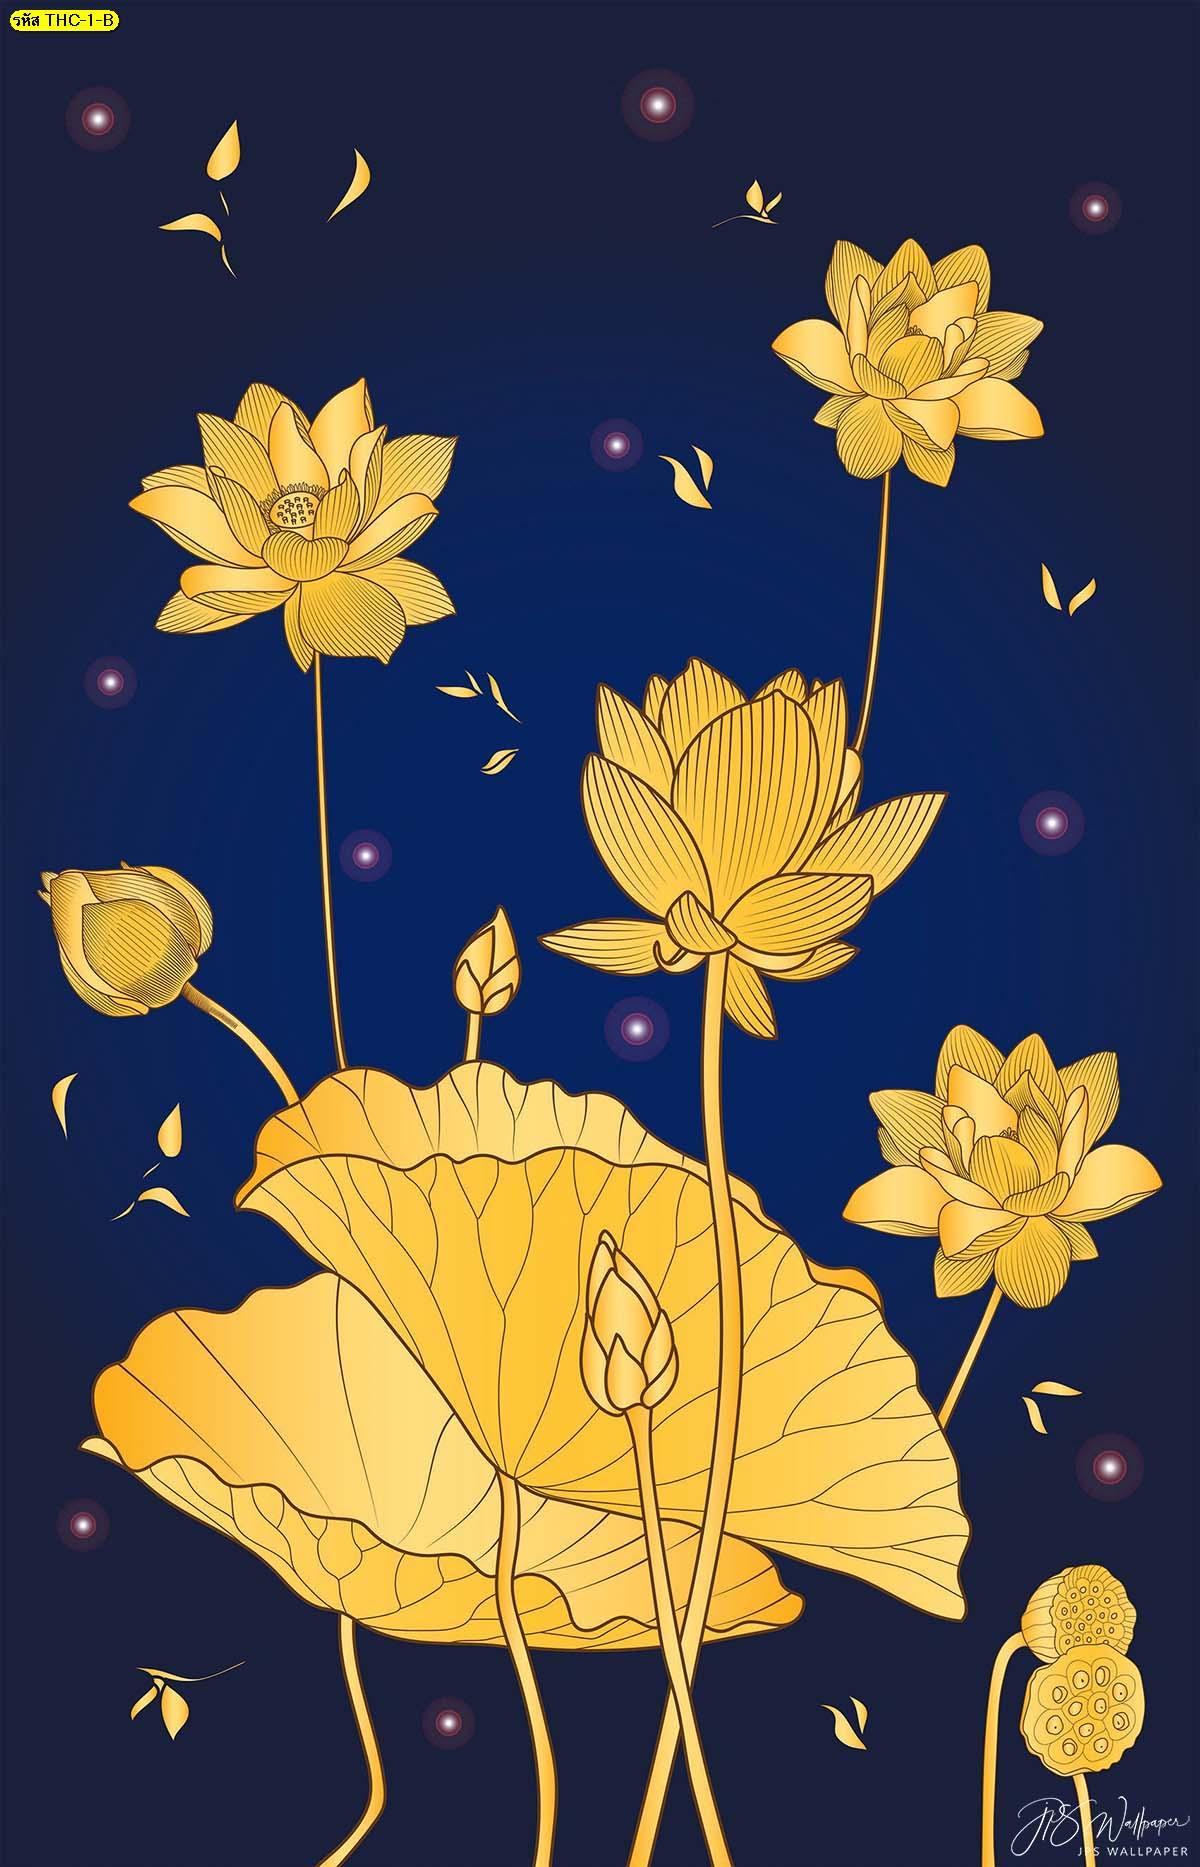 วอลเปเปอร์ลายดอกบัวทองพื้นสีน้ำเงิน รูปดอกบัวบาน ฉากหลังห้องพระสวยๆ